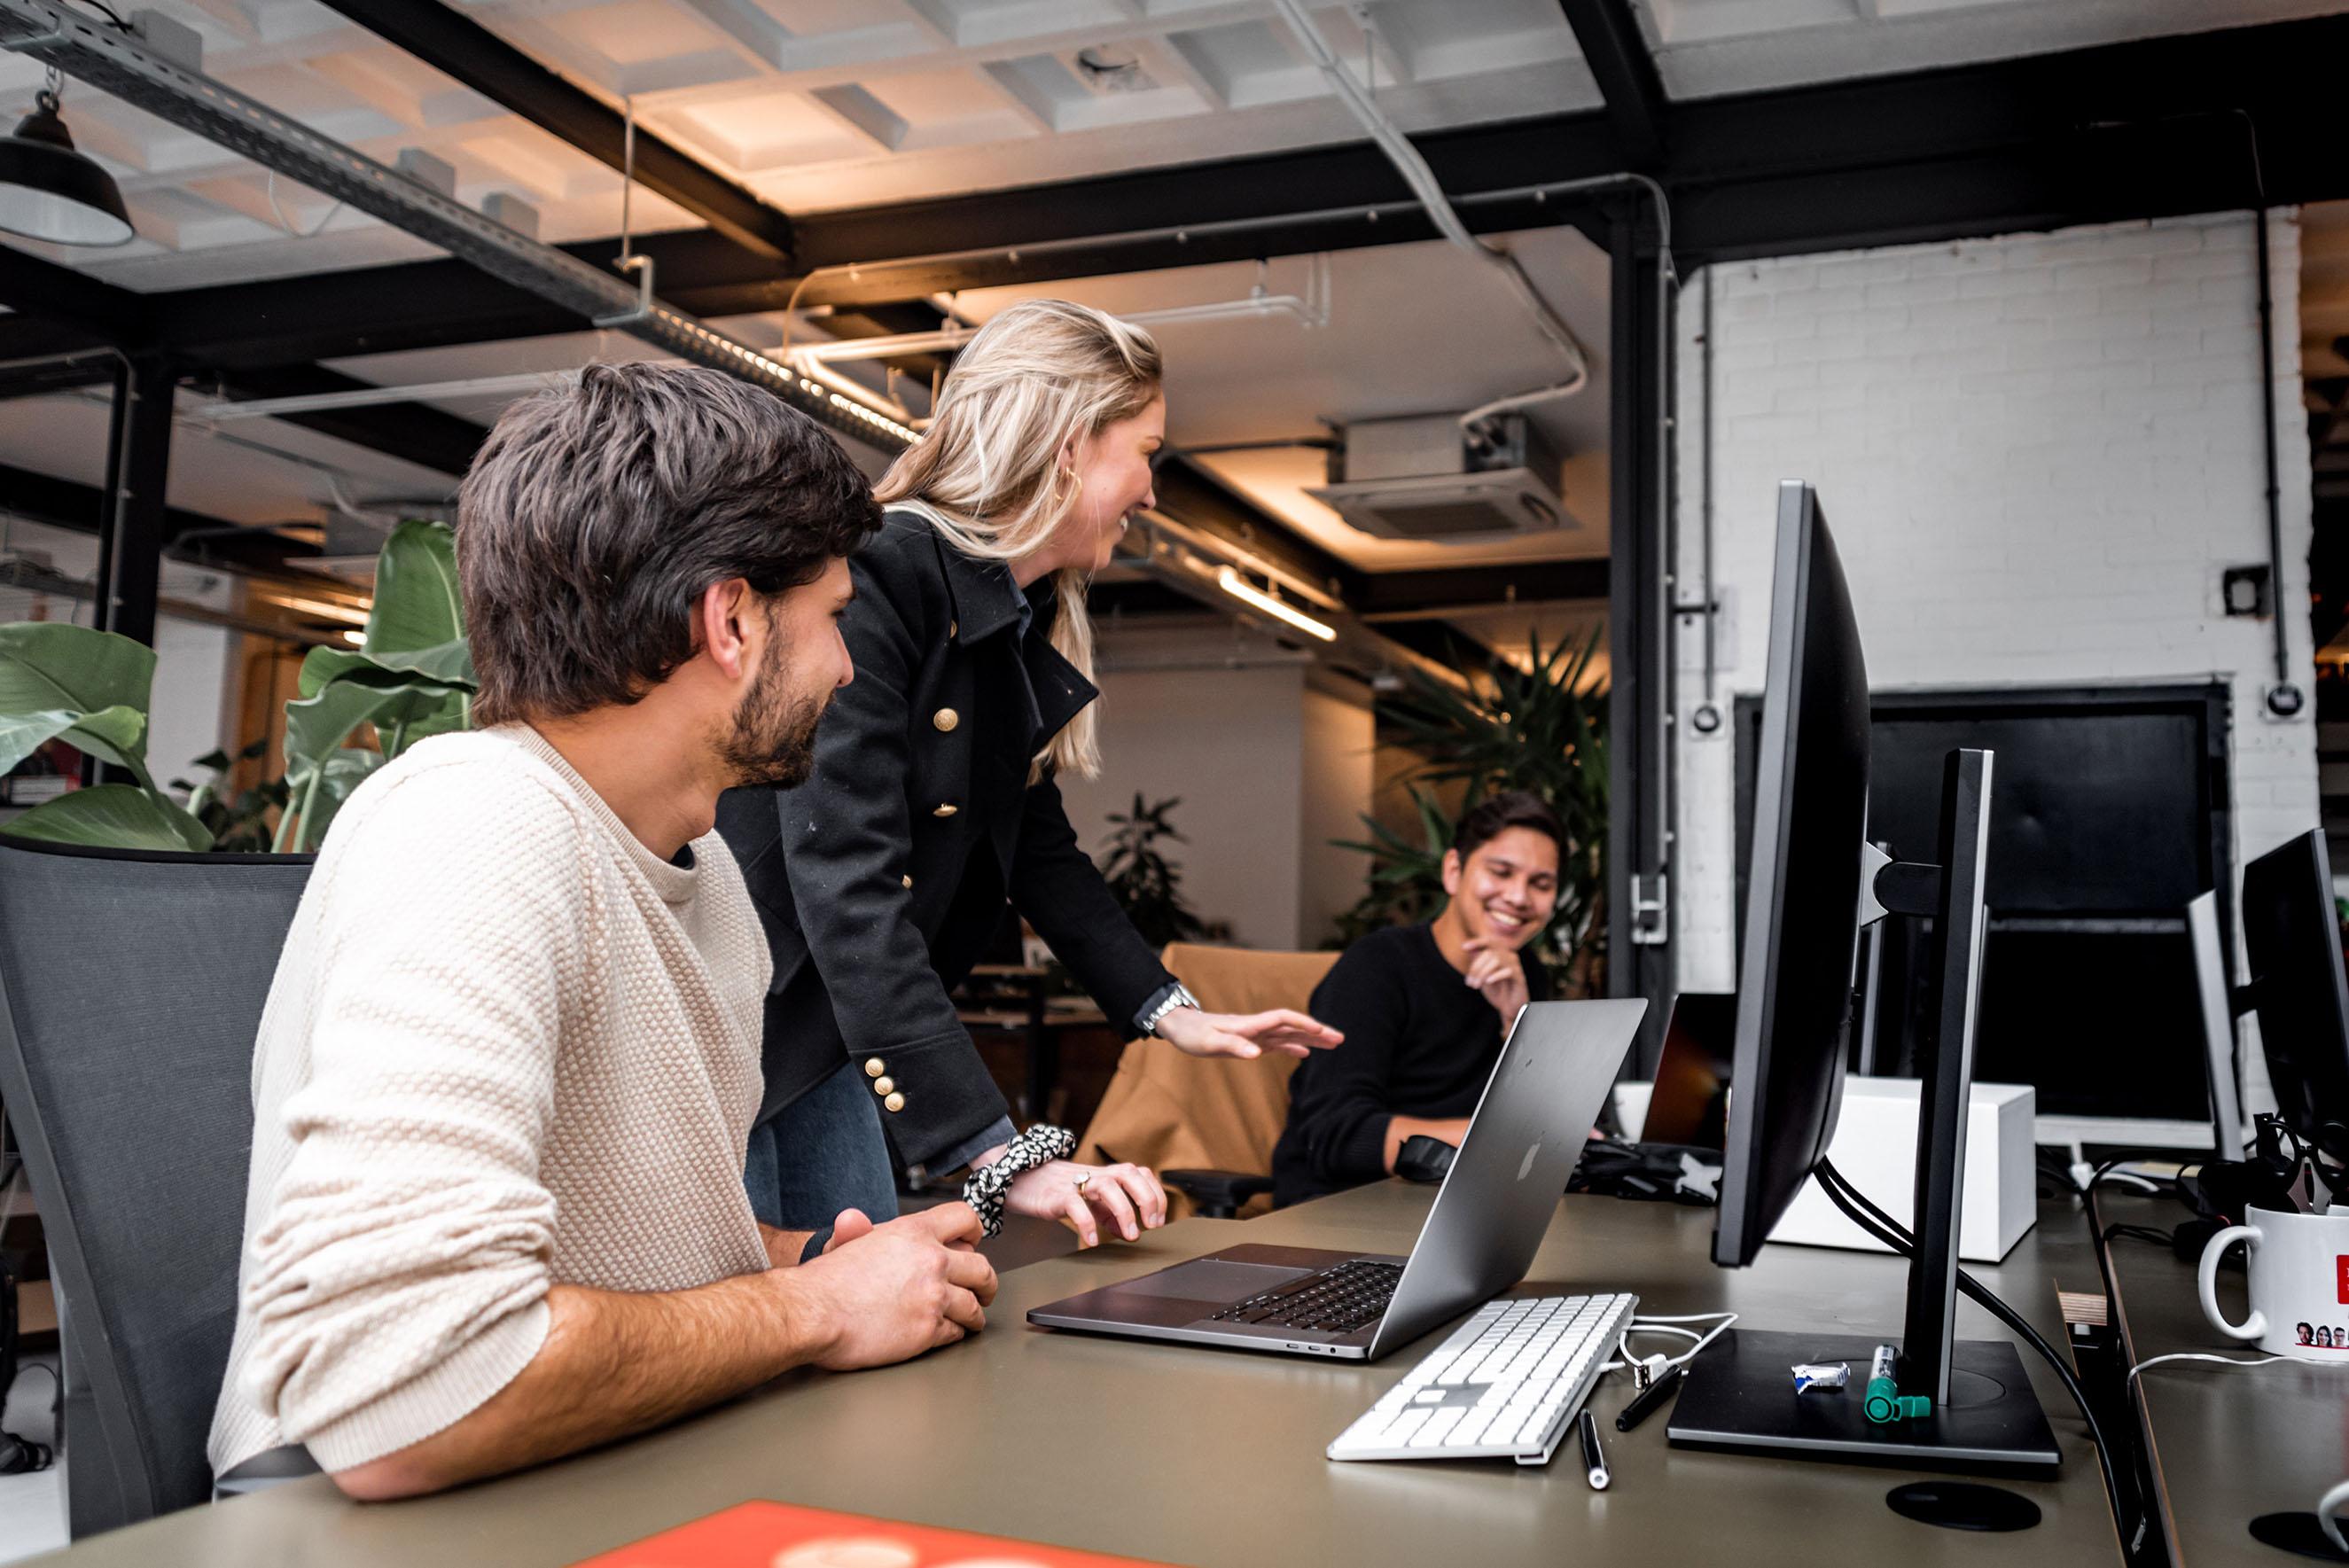 Onderling overleg tussen Makerlab collega's